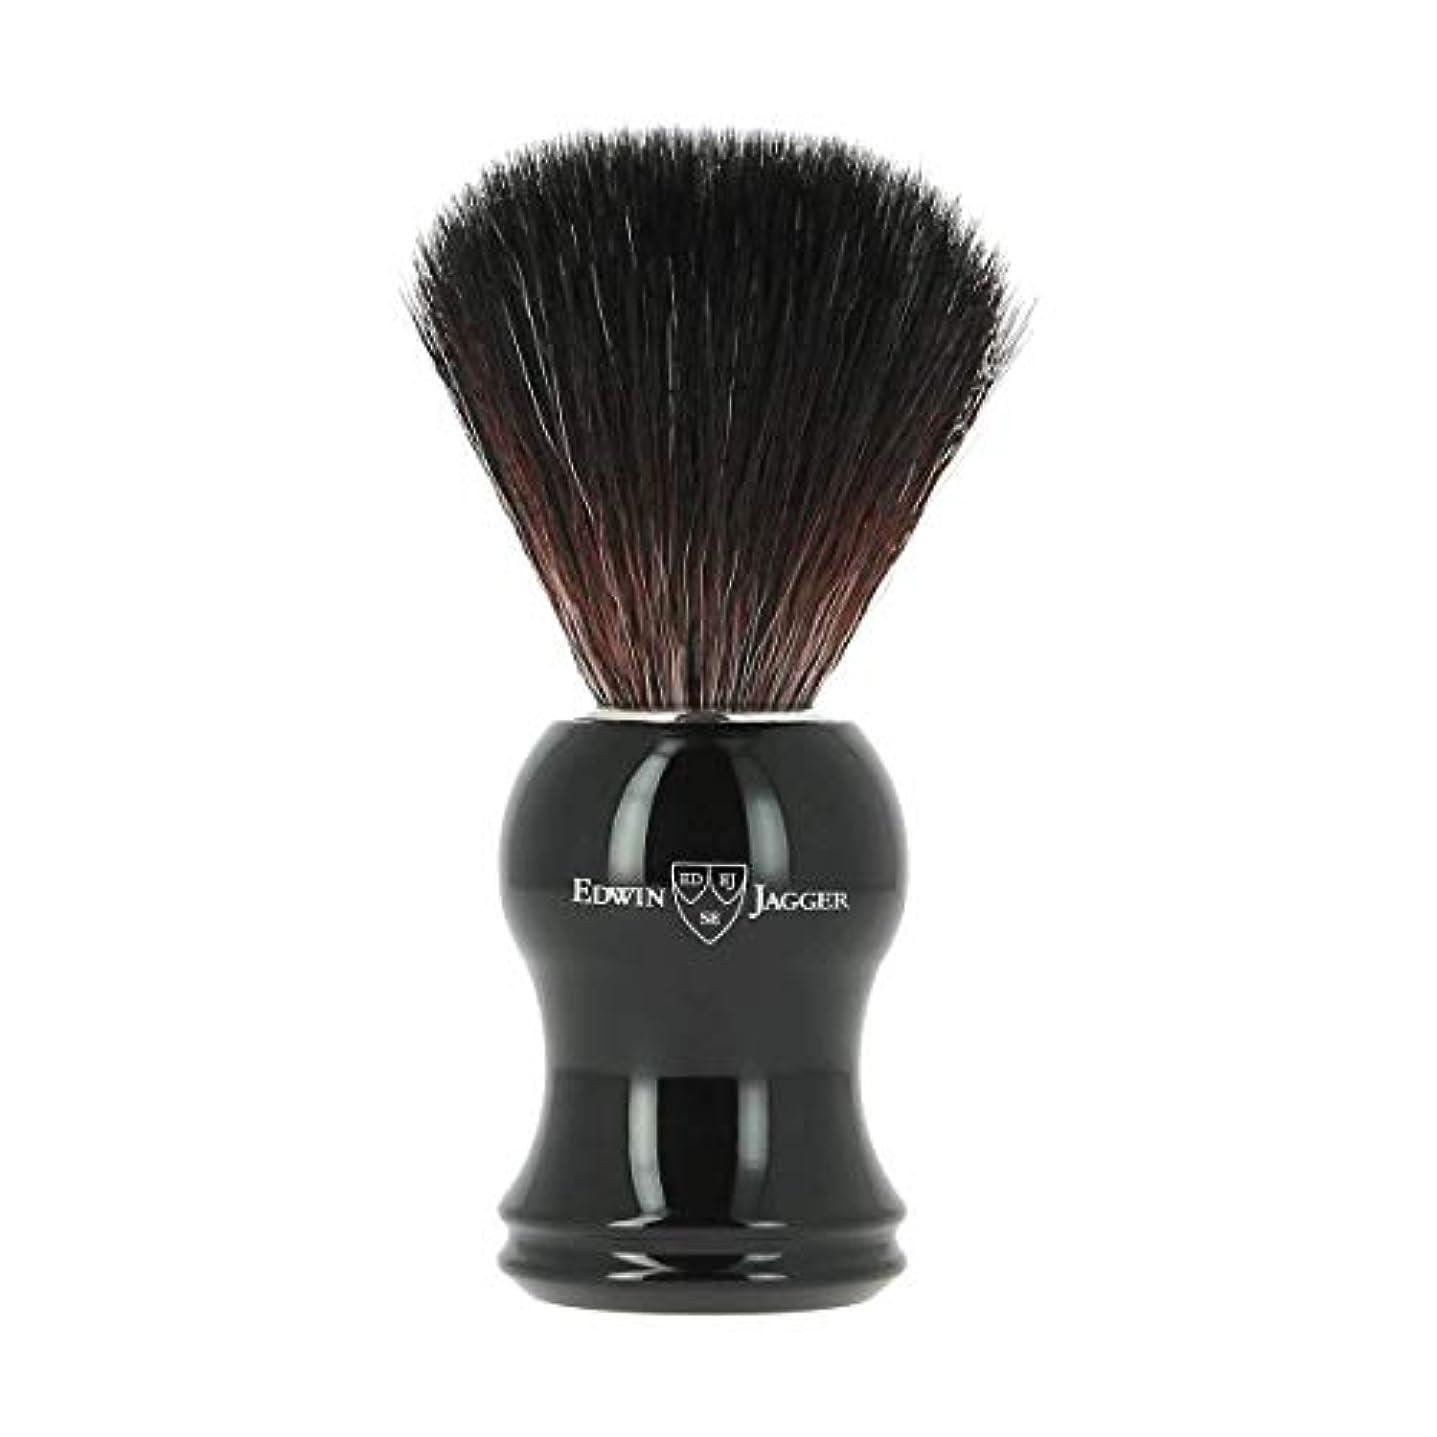 履歴書ハイランド思いやりエドウィンジャガー エボニー 合成 シェービングブラシ21P36[海外直送品]Edwin Jagger Ebony Synthetic Shaving Brush 21P36 [並行輸入品]